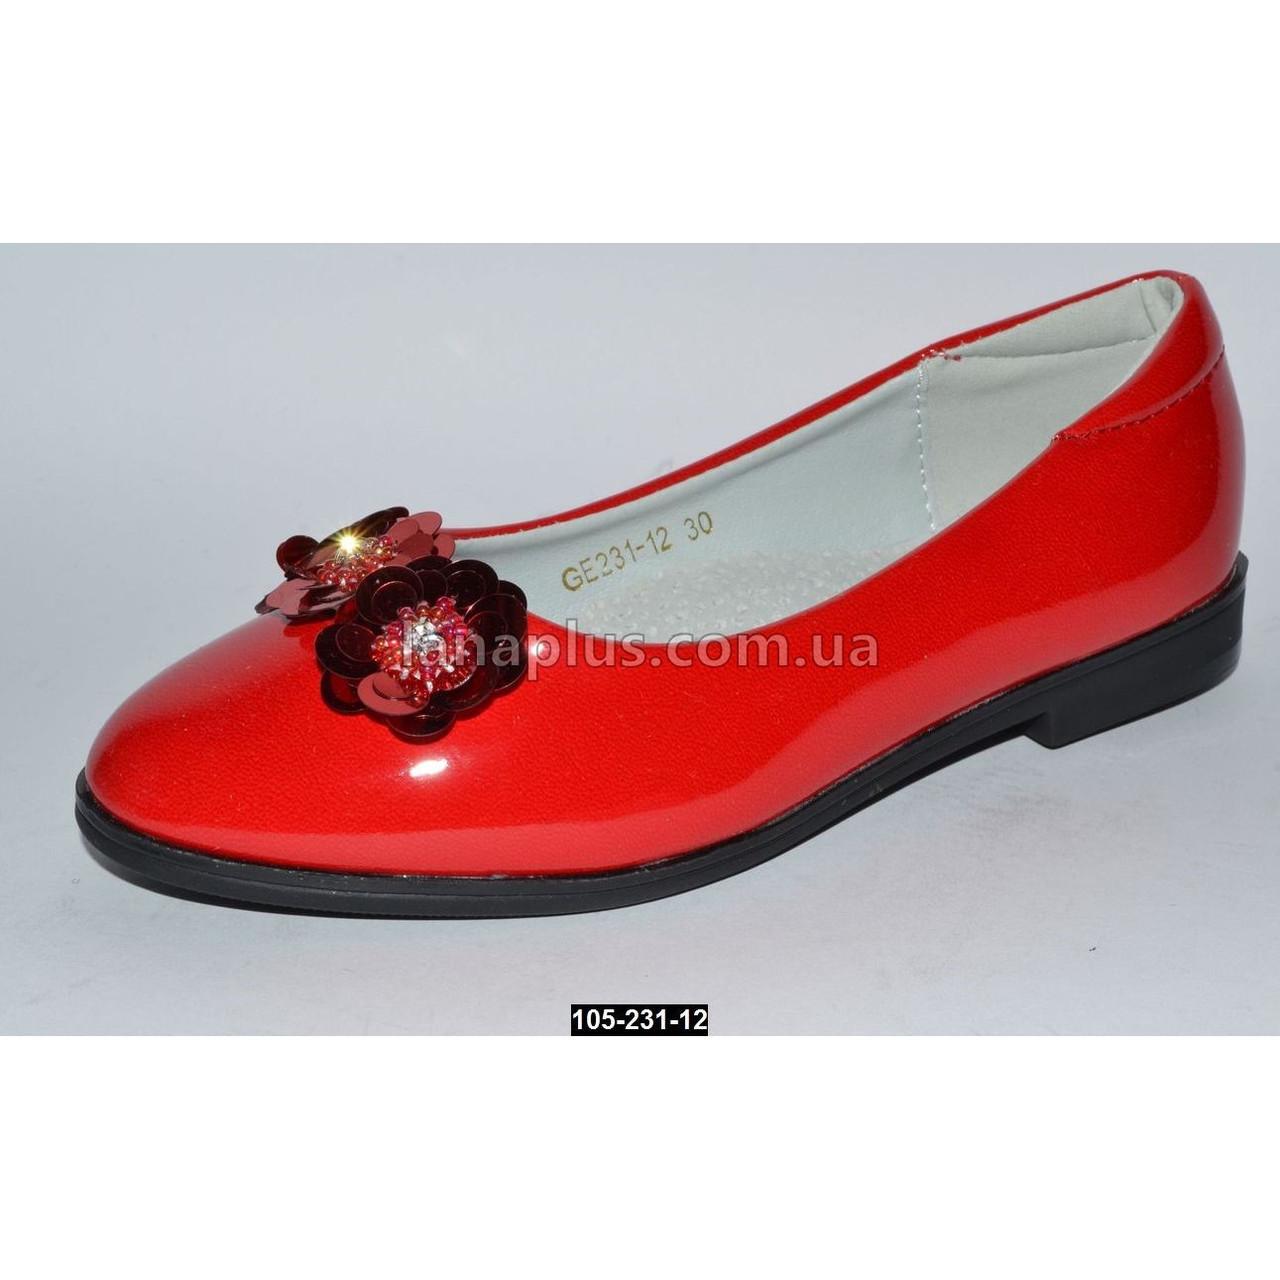 Нарядные балетки для девочки, 31 размер (20.5 см), туфли на выпускной